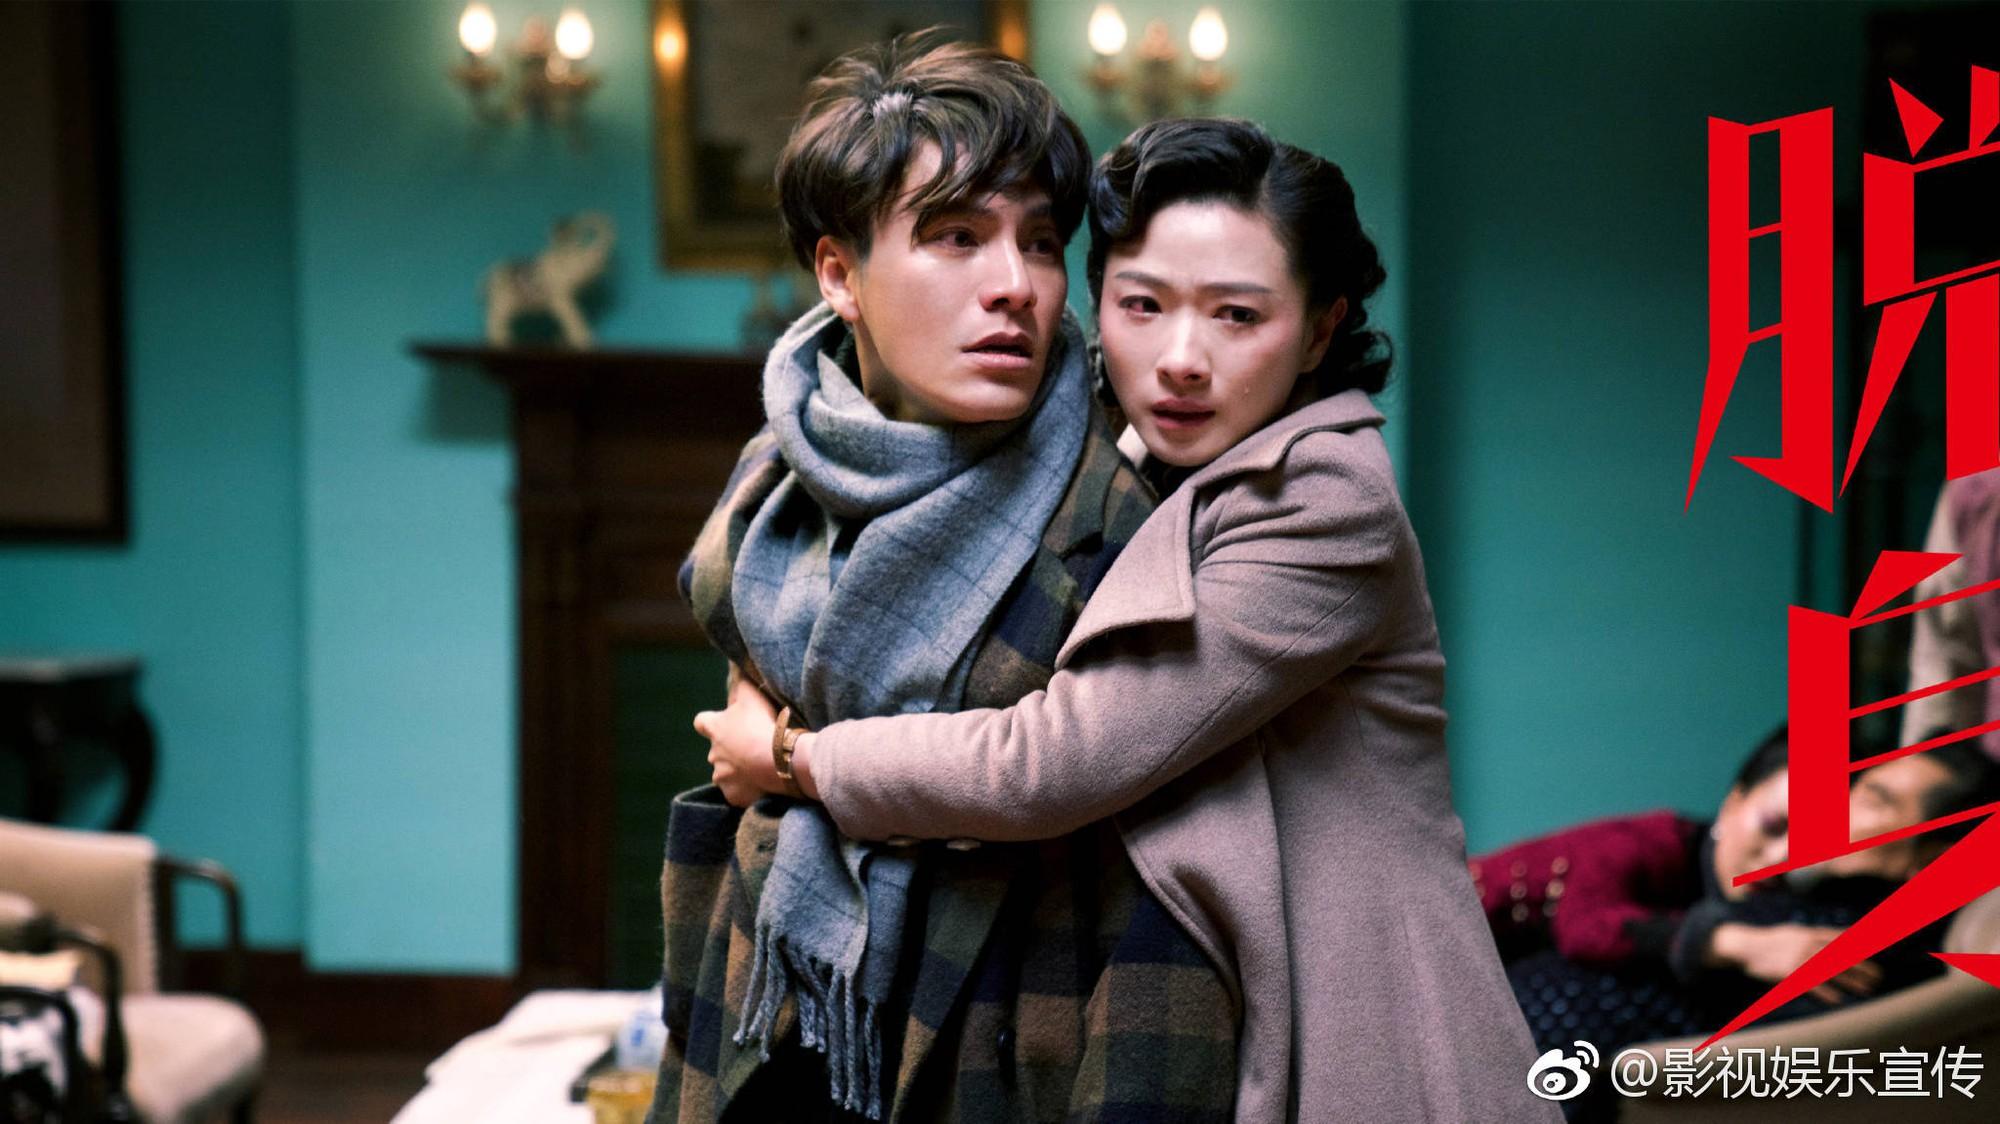 [Phim Trung Quốc] Lost in 1949 (2018) – Kẻ thoát thân